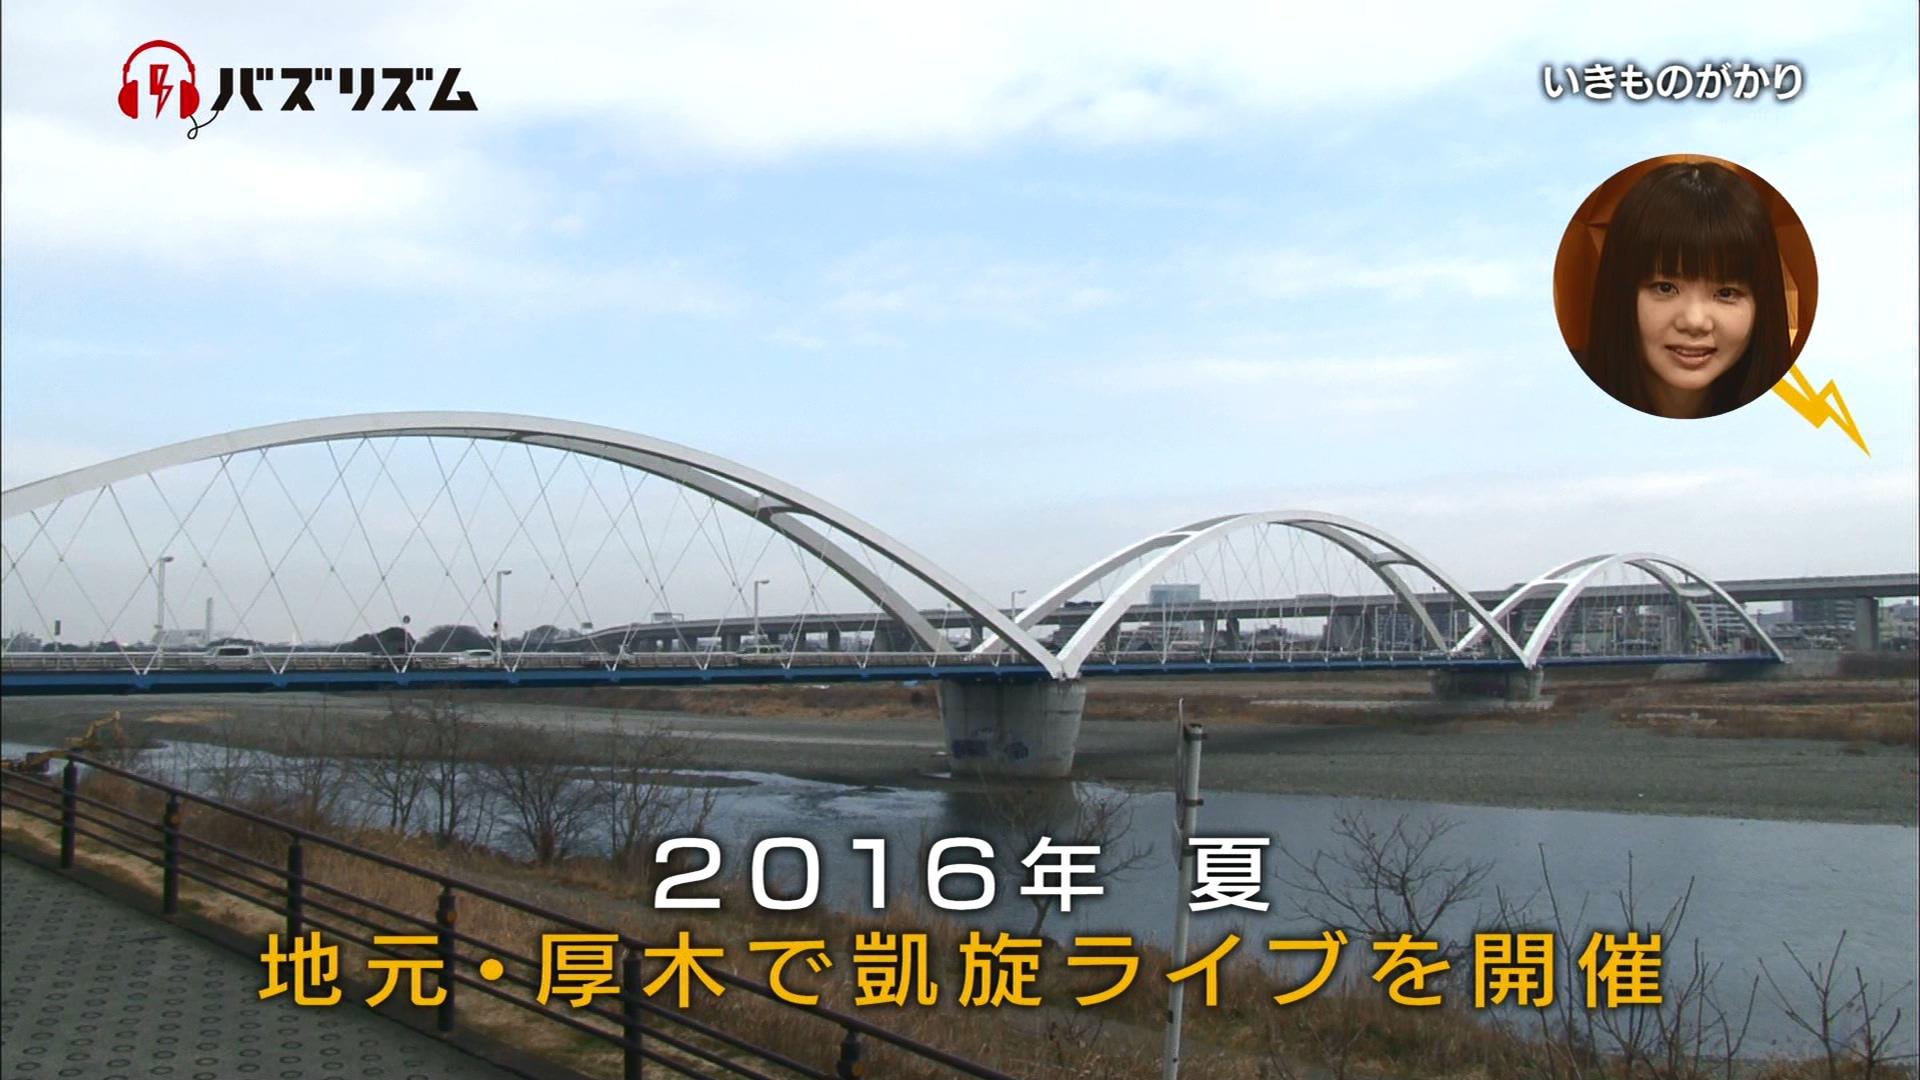 2016.03.11 全場(バズリズム).ts_20160312_012107.492